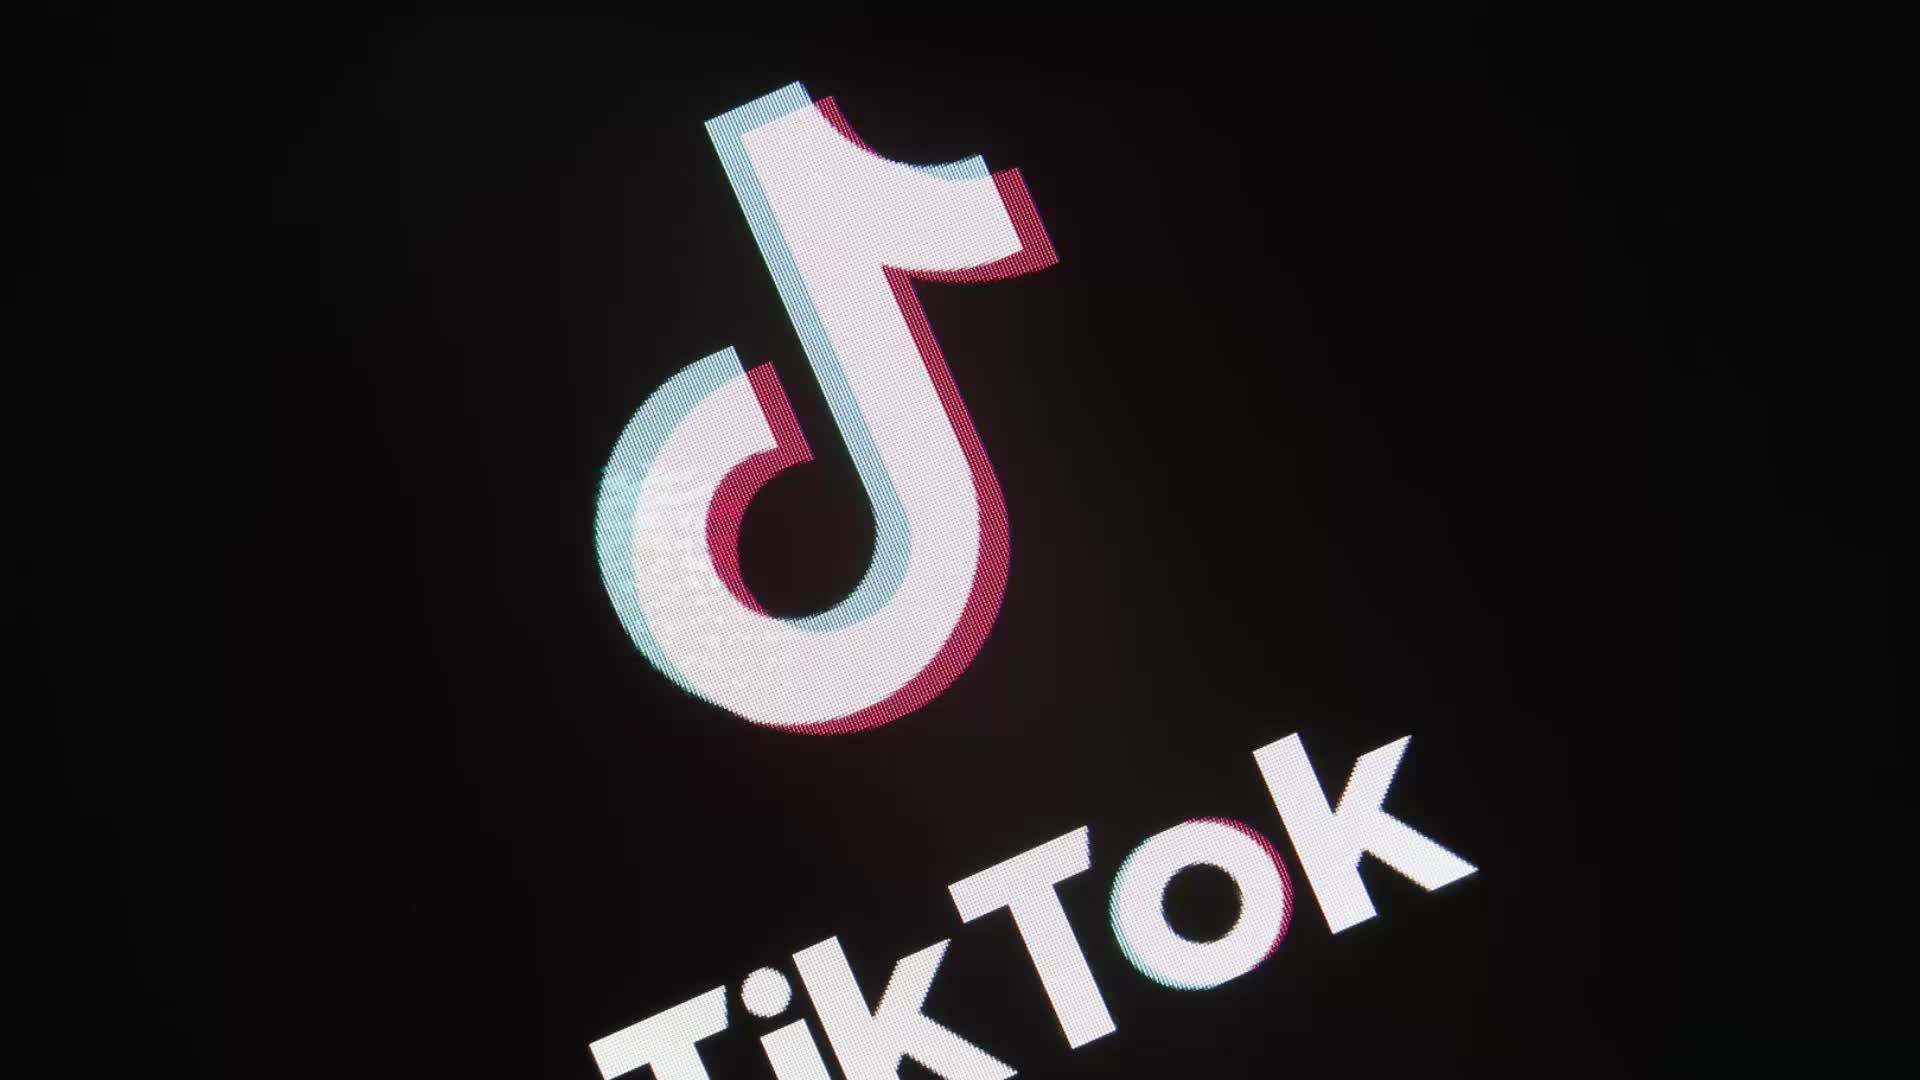 Tik Tok Logo Hd 681004   HD Wallpaper Backgrounds Download 1920x1080